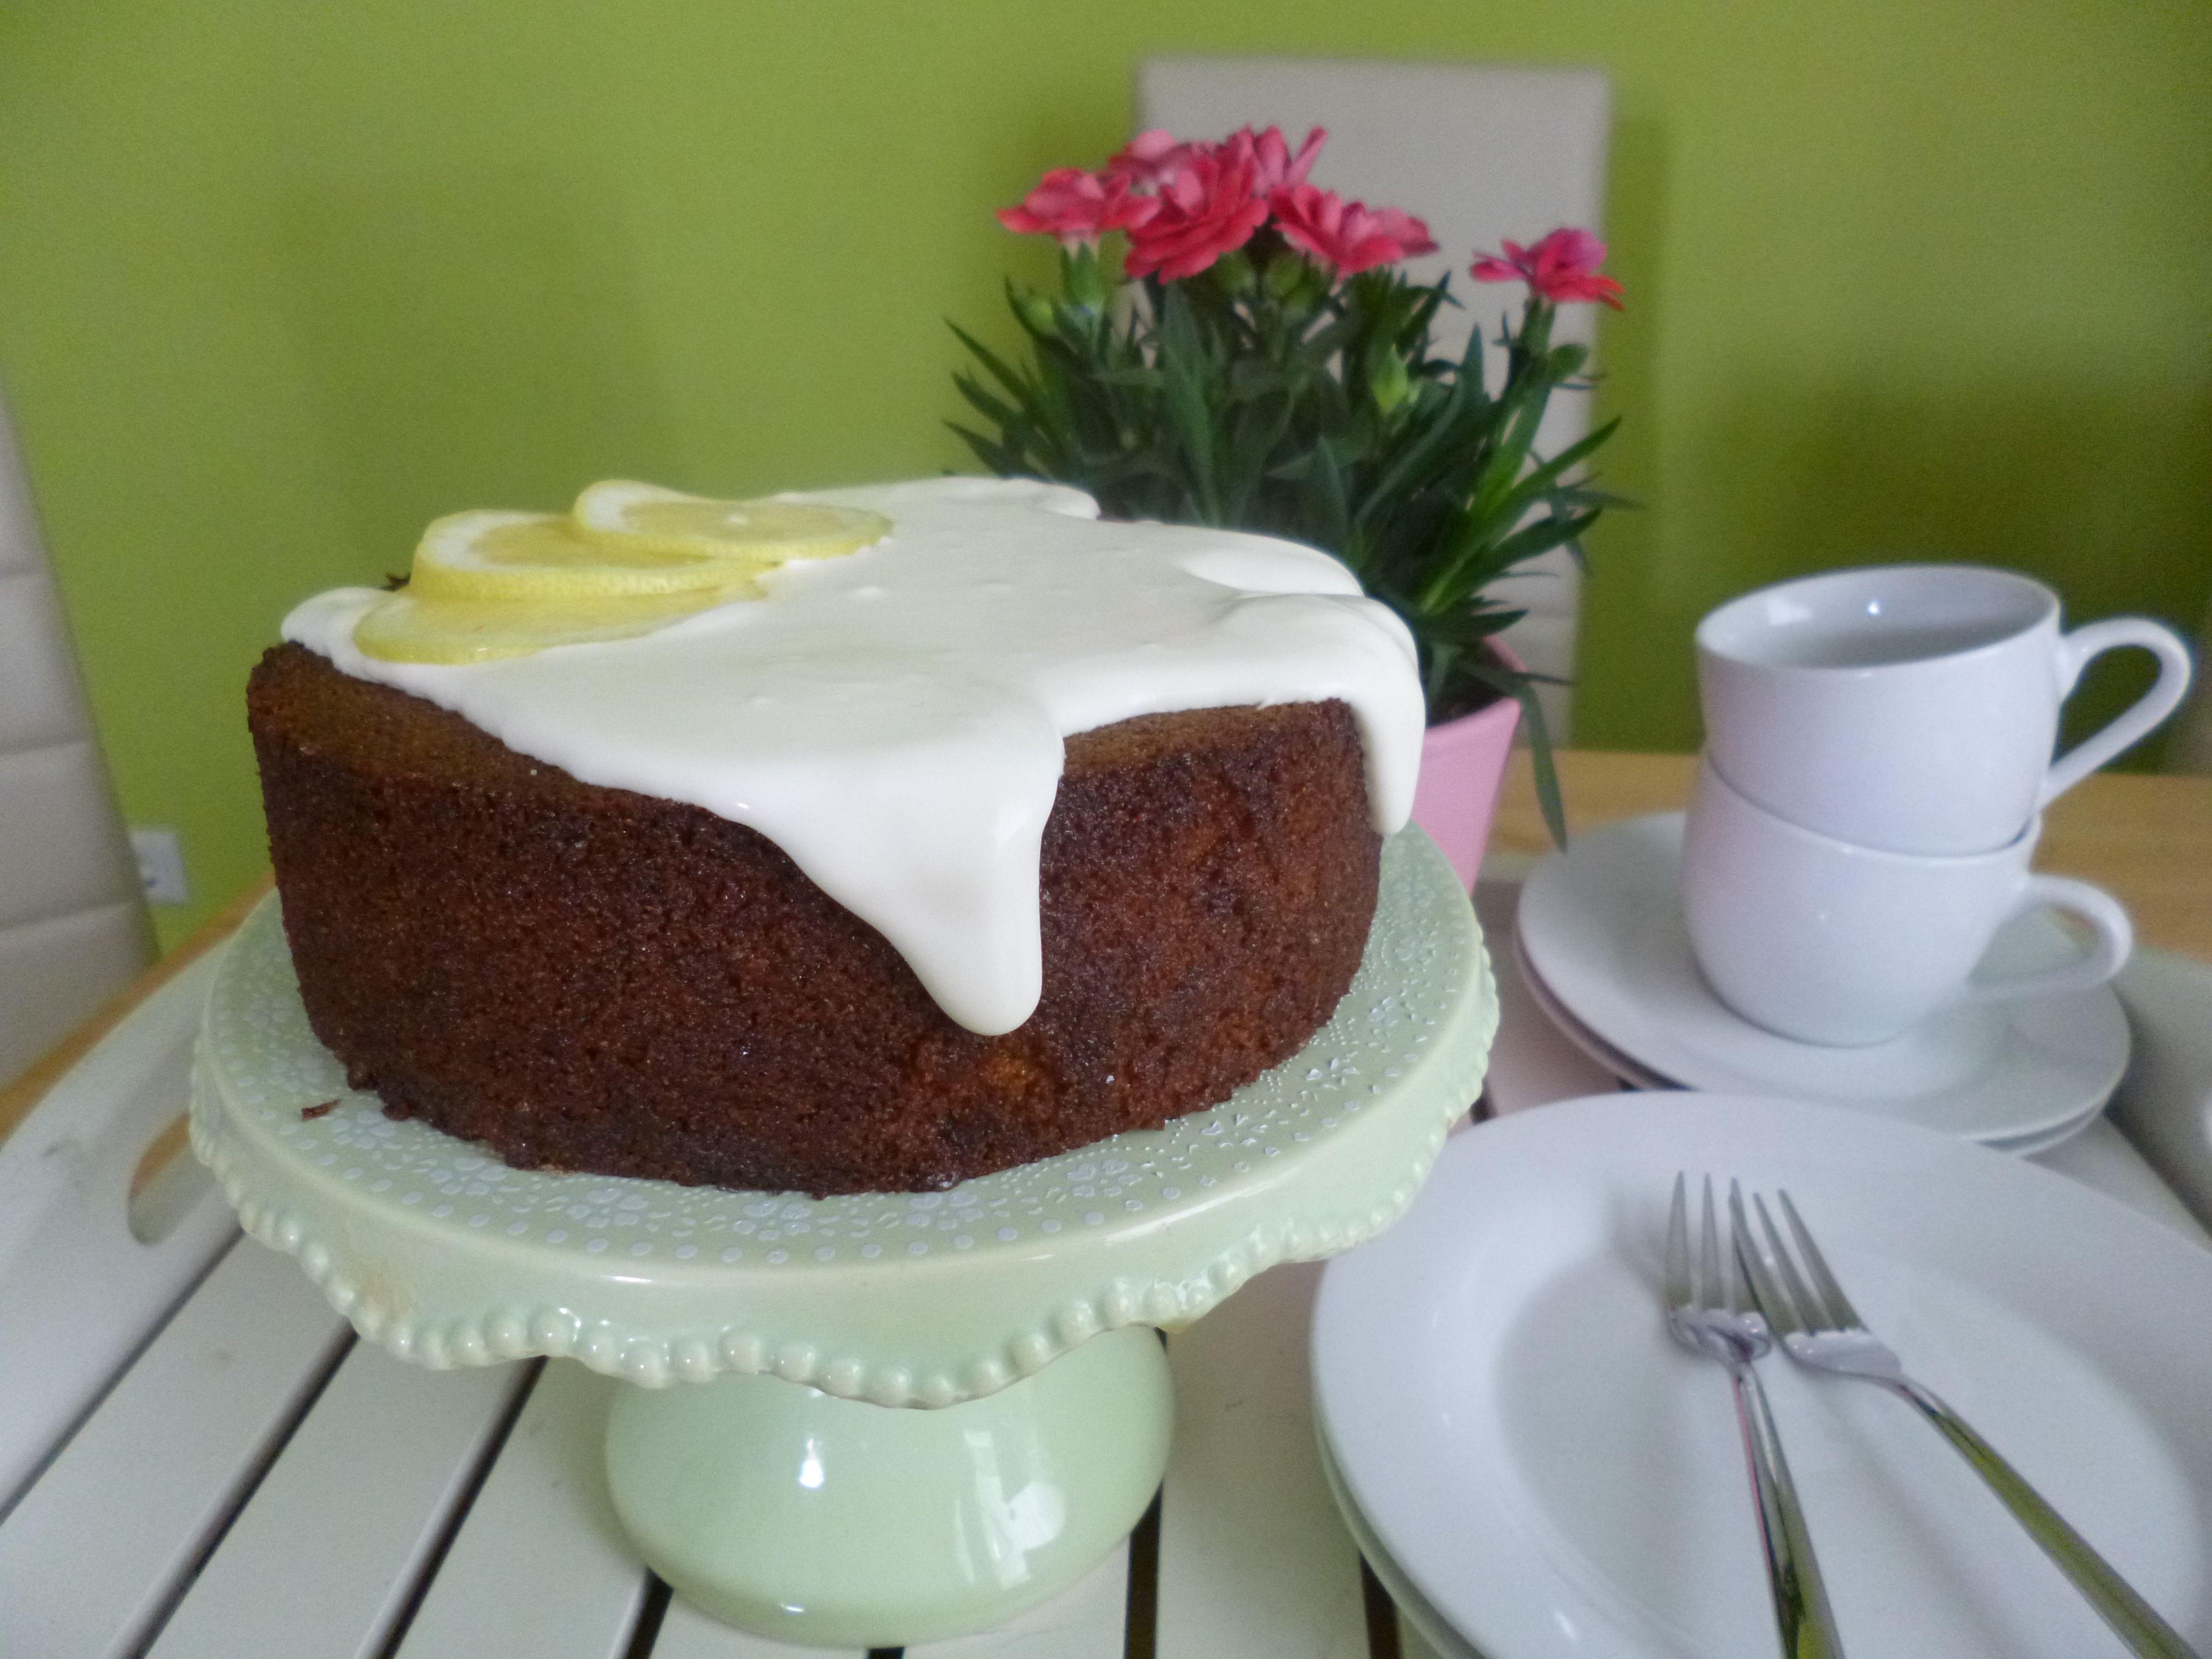 Zitronen-Polenta-Kuchen von Annelie S.